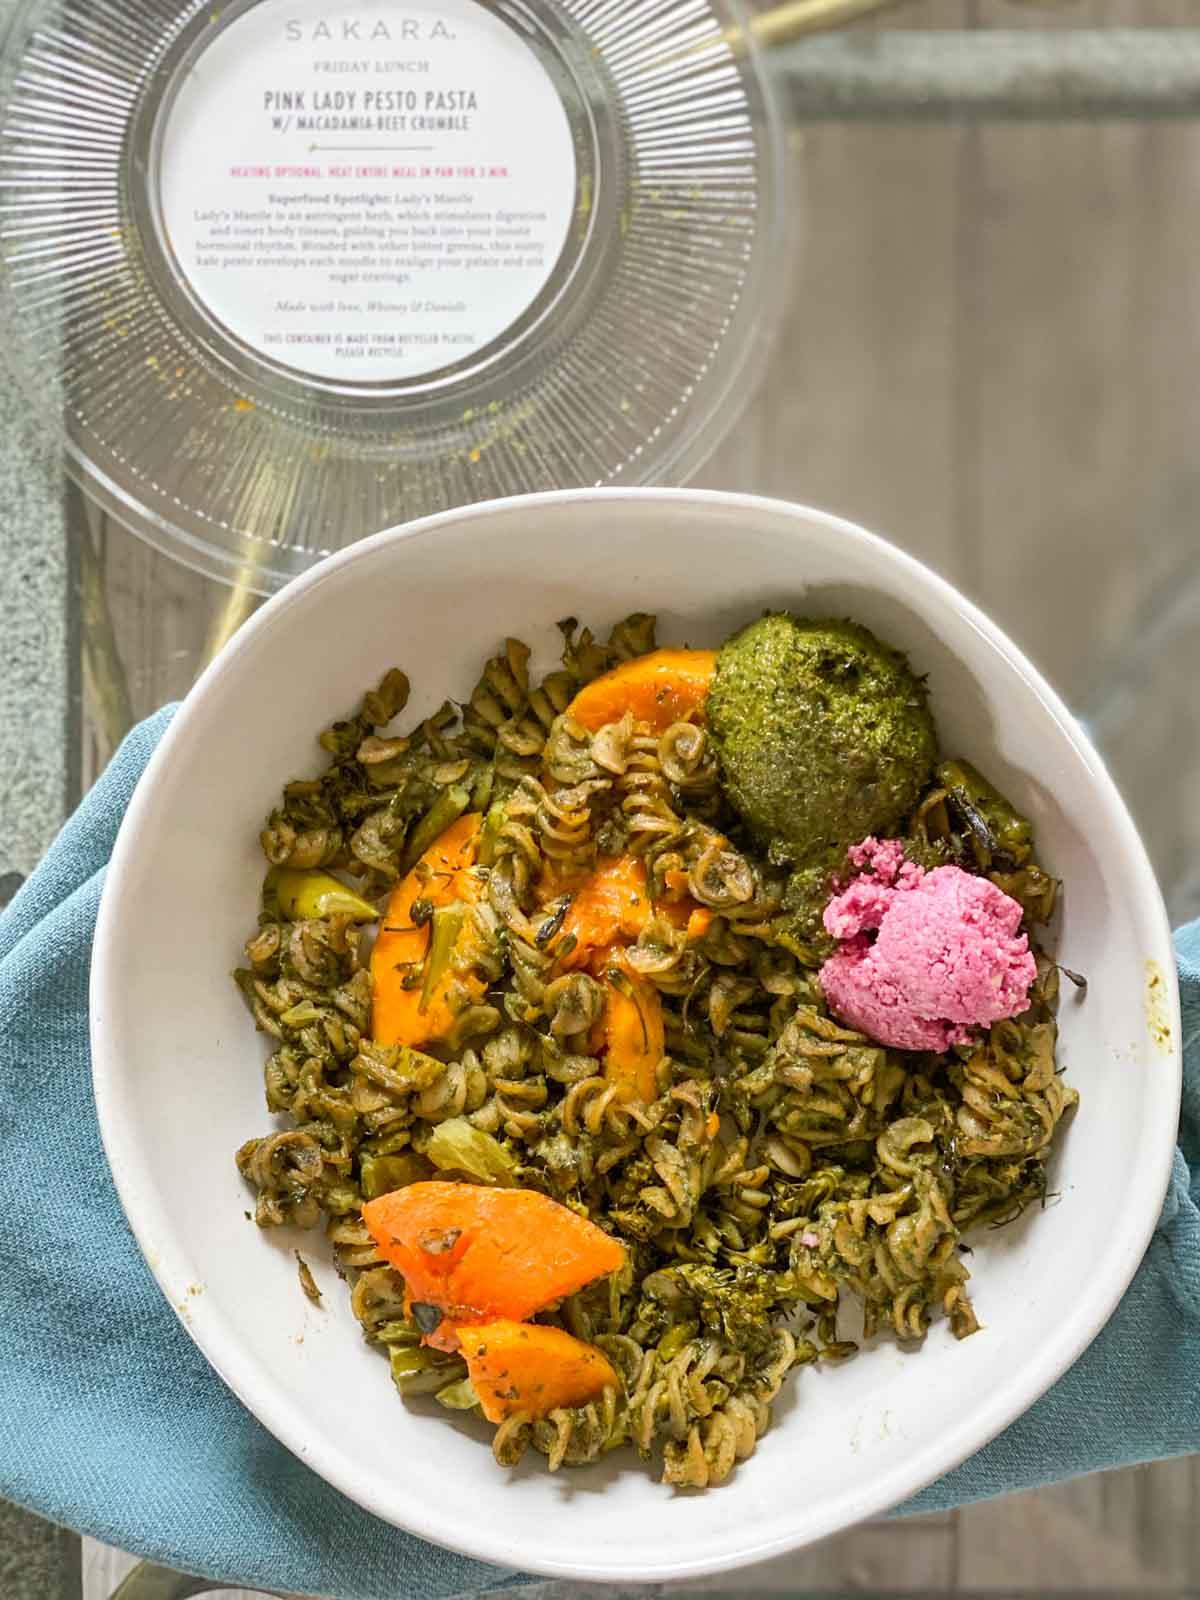 pink lady pesto pasta from sakara life